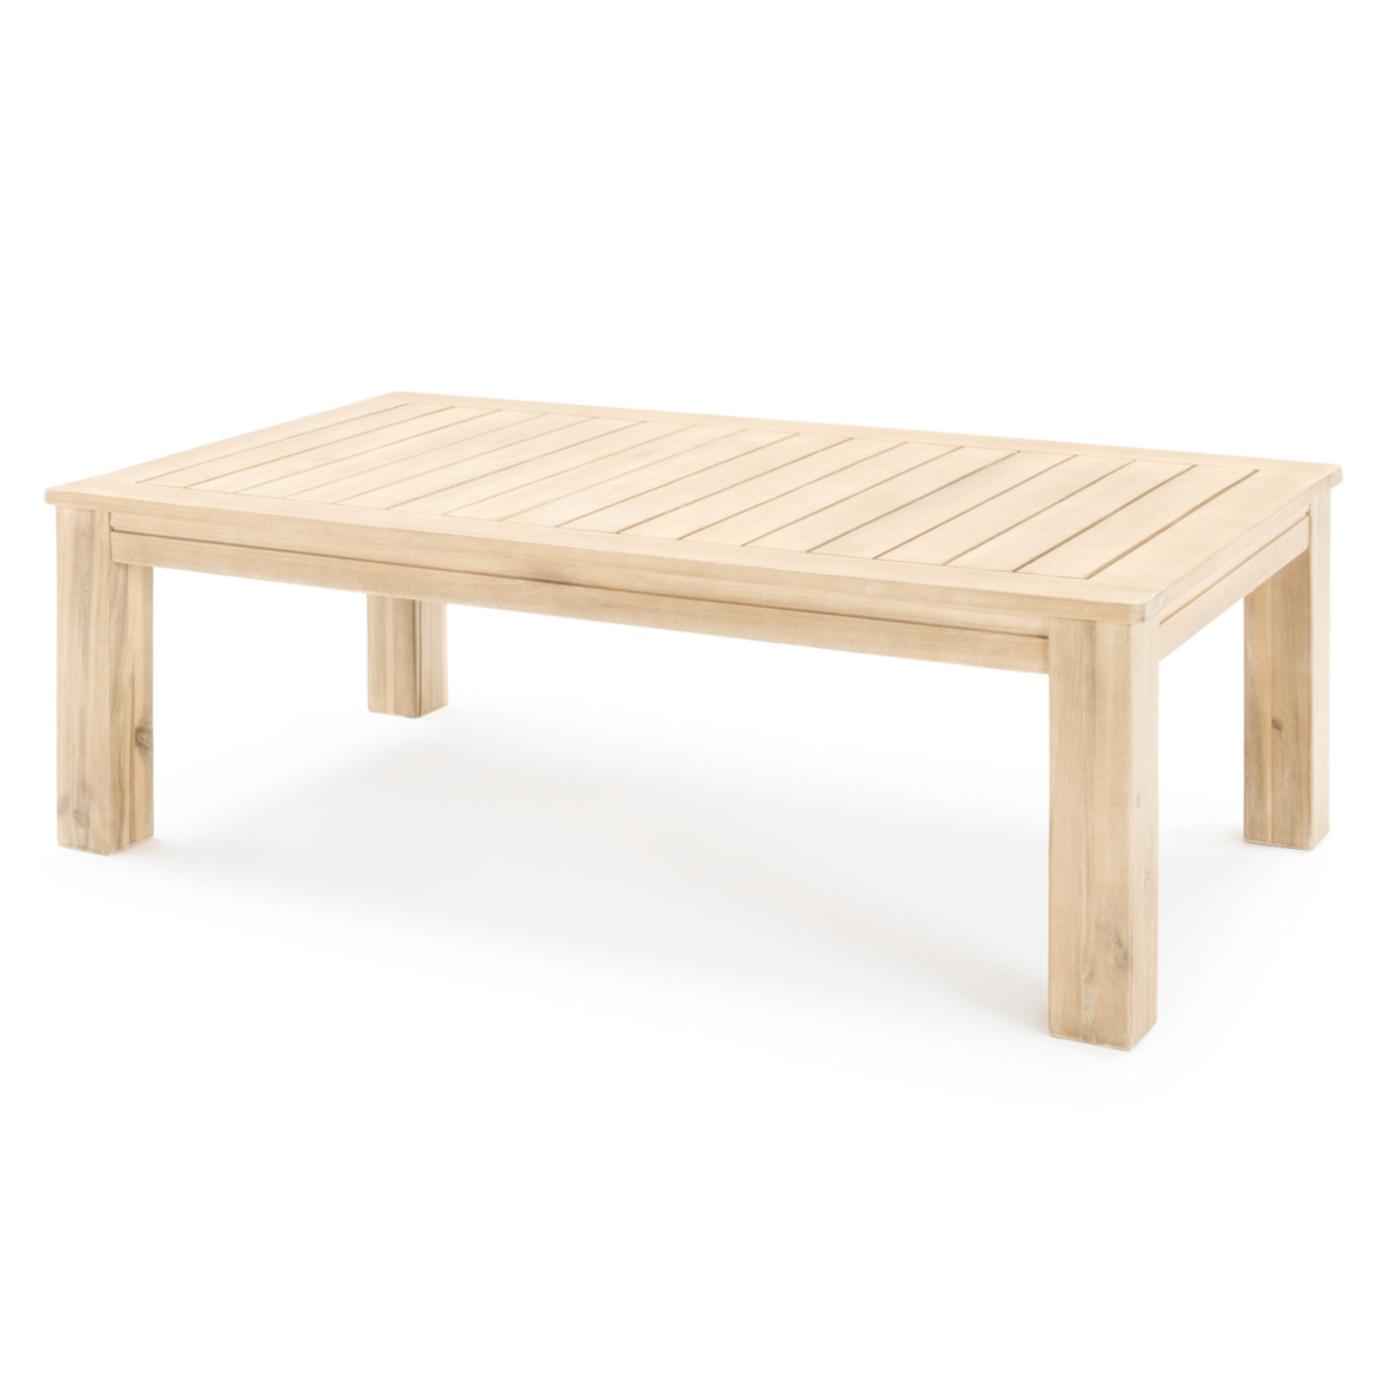 Kooper 9pc Seating Set - Spa Blue